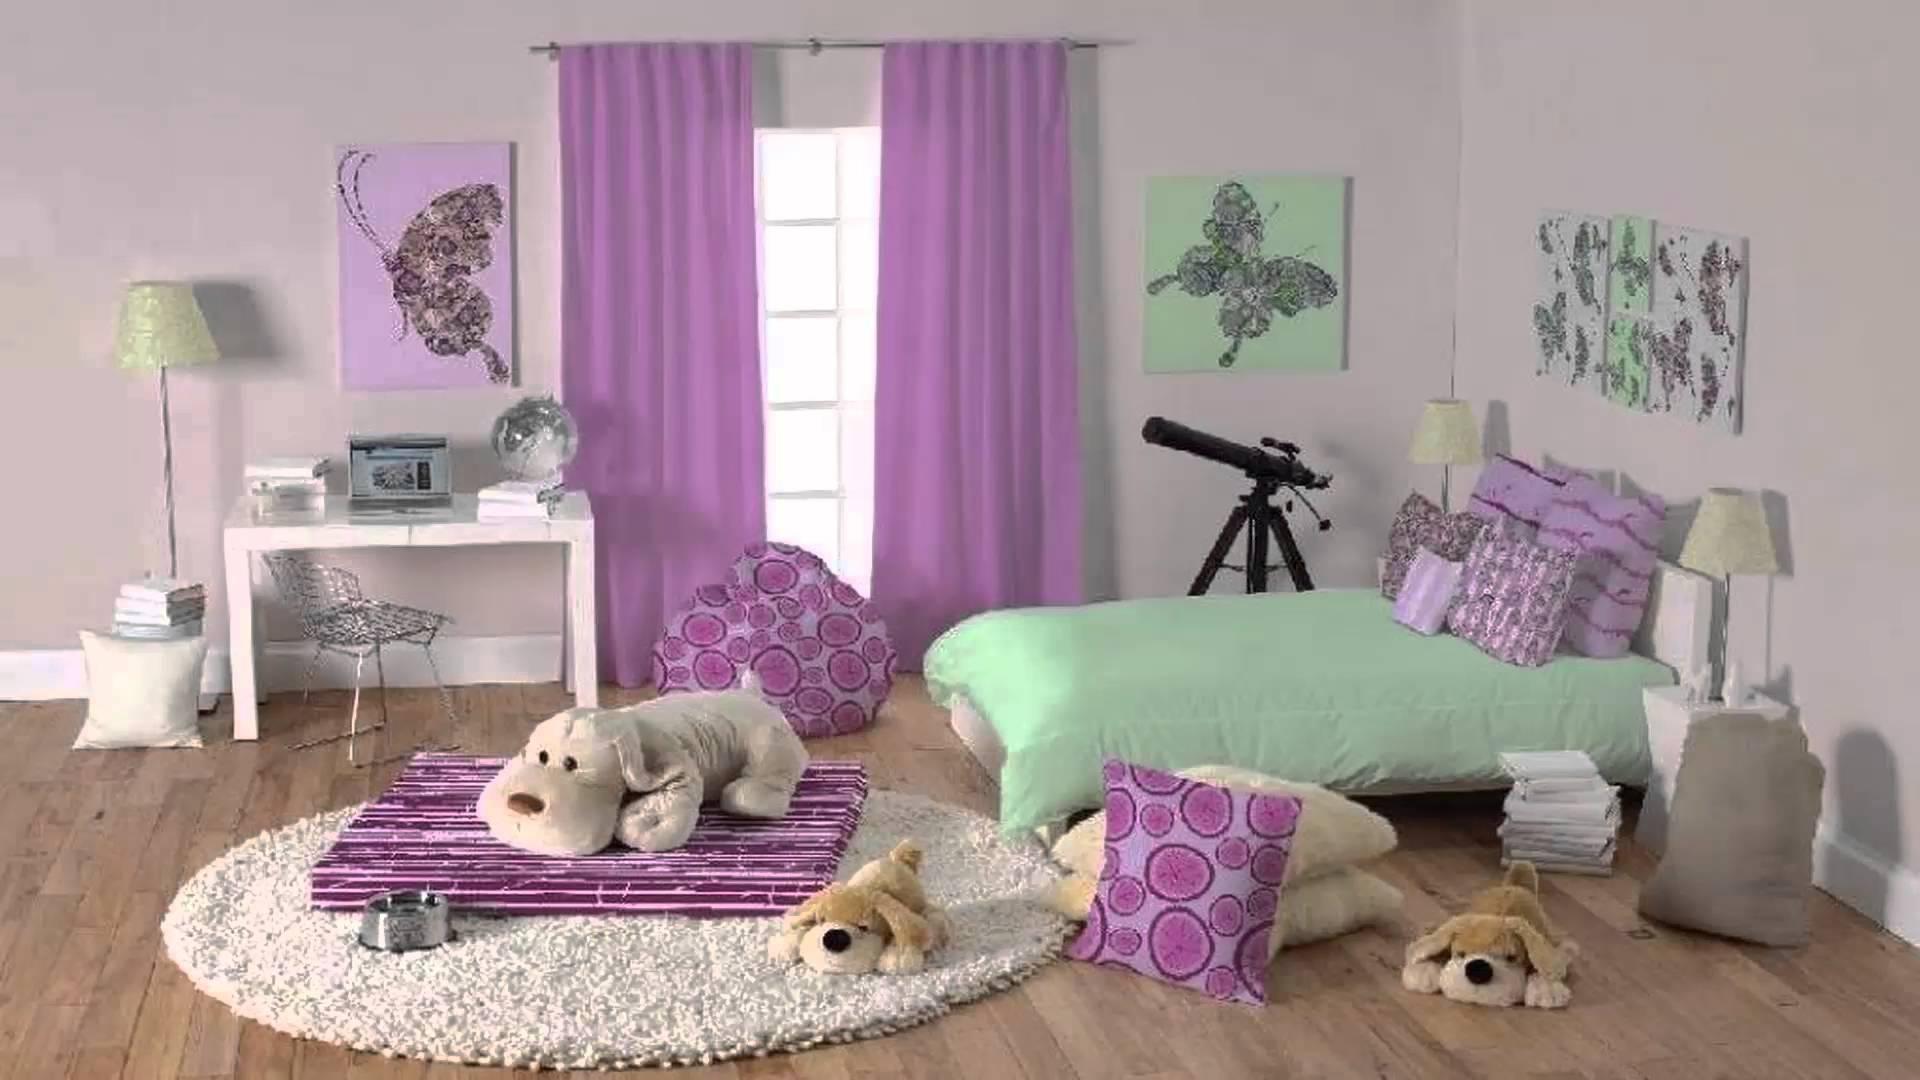 بالصور صور غرف بنات , اجمل ديكورات غرف البنات 3252 5